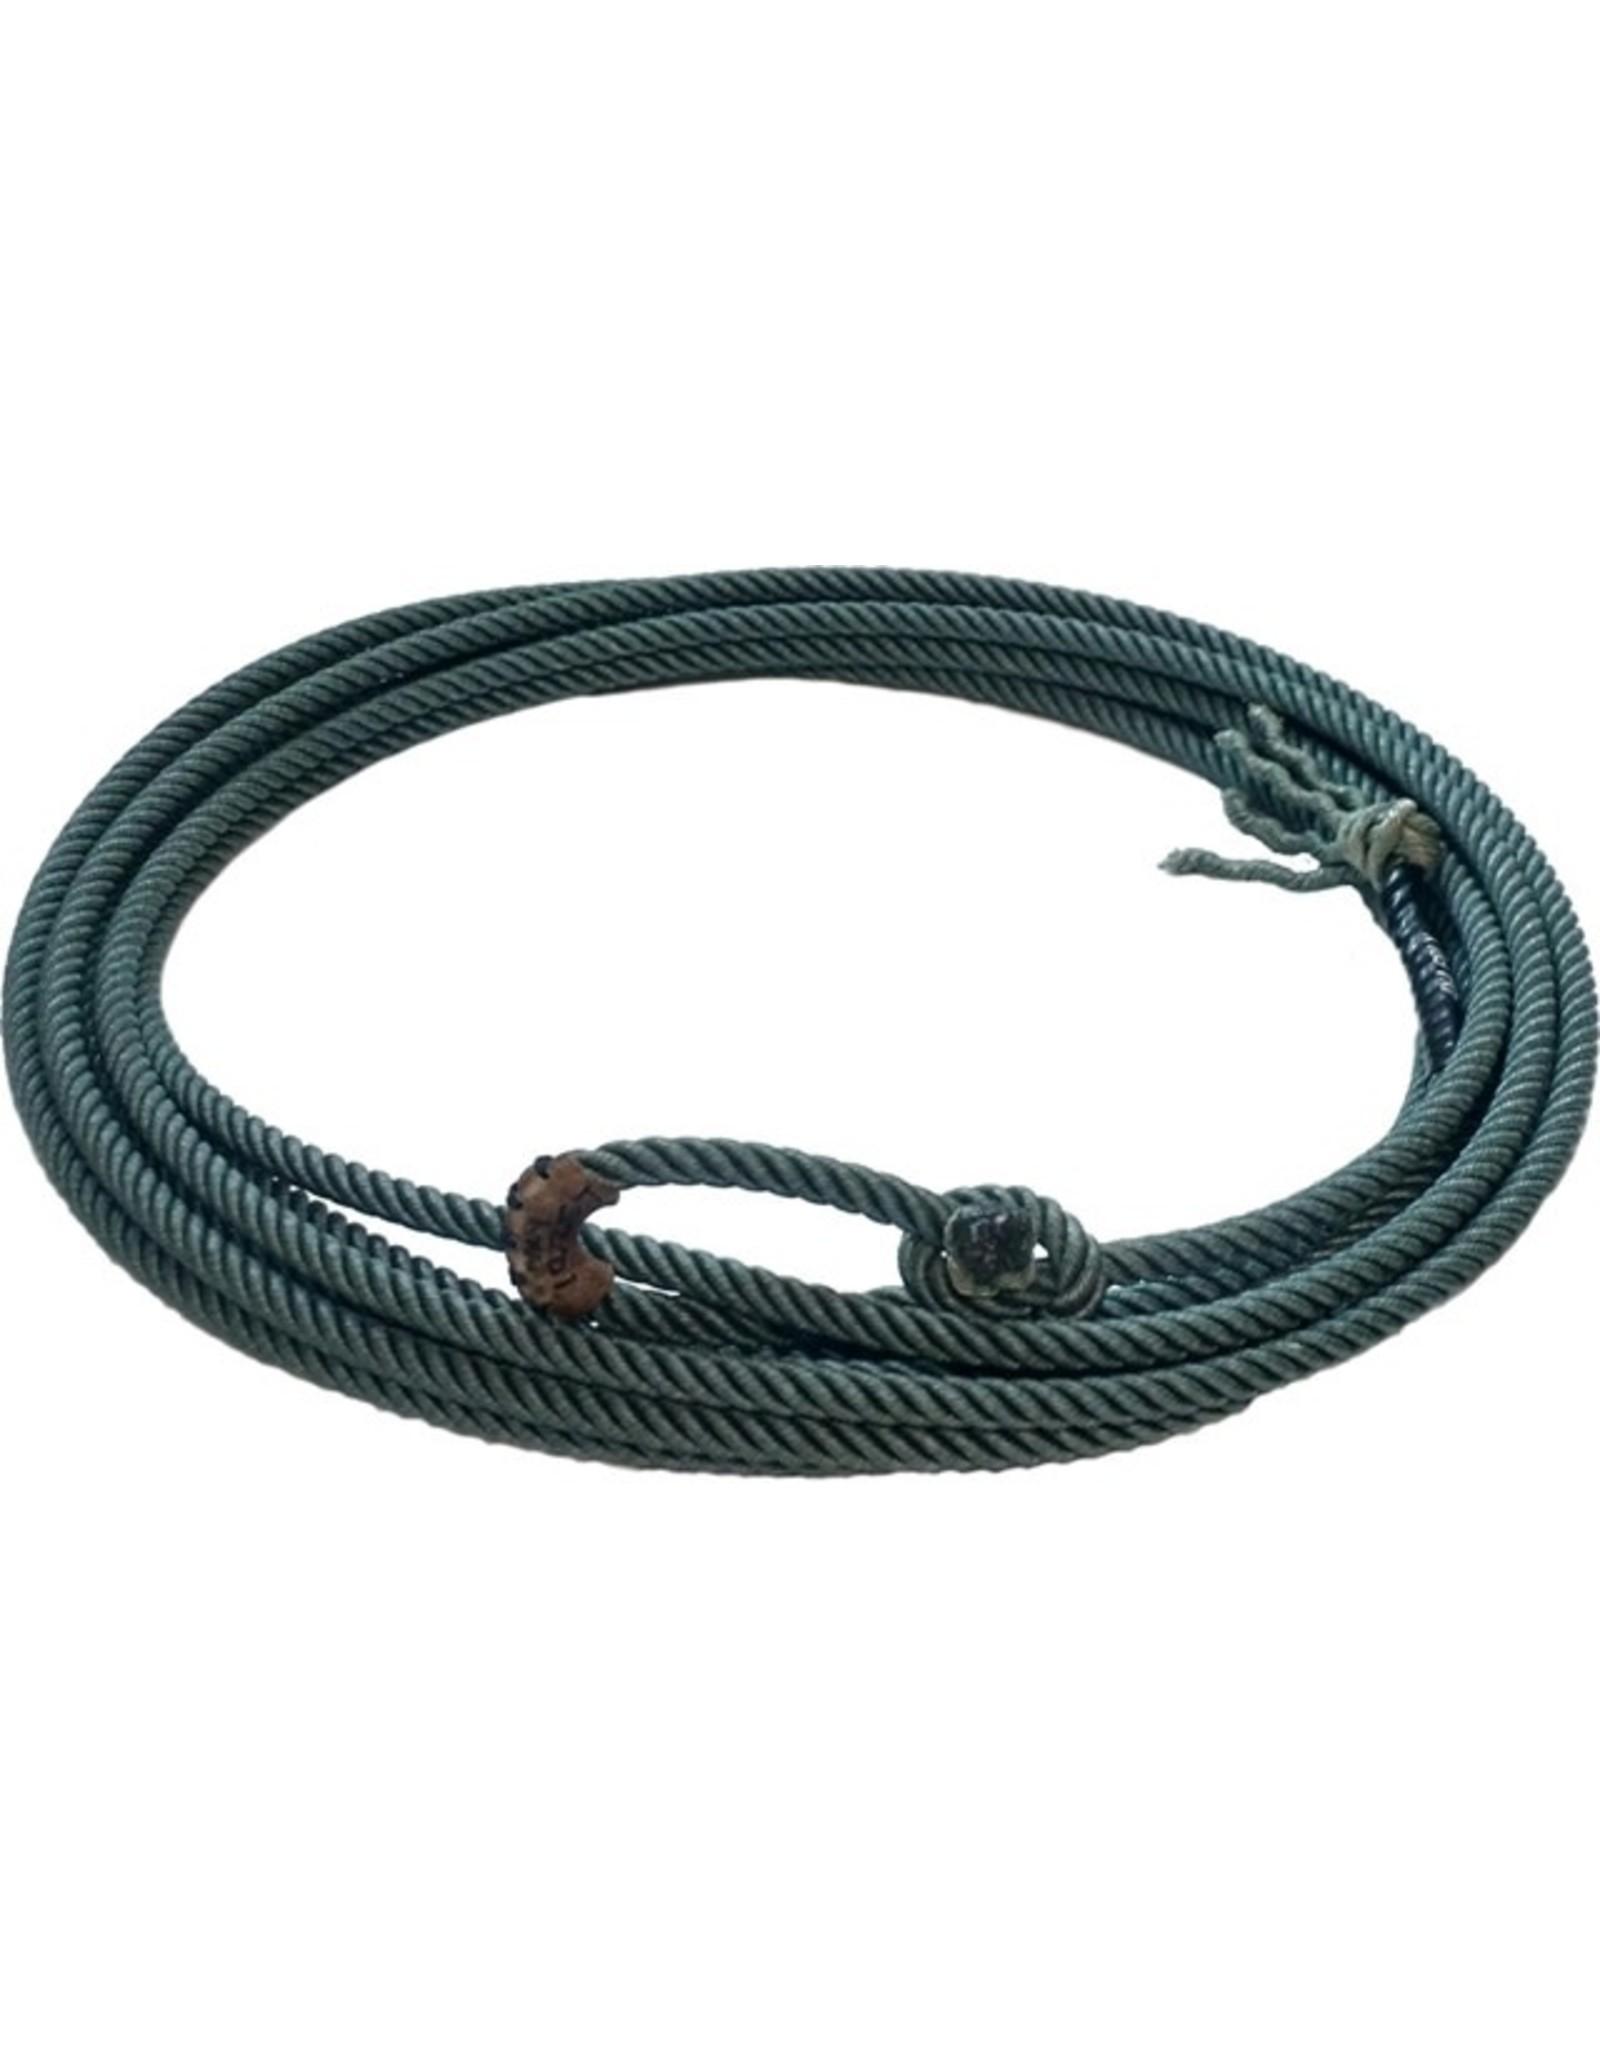 Willard Willard Uoza 4 Strand Calf Rope